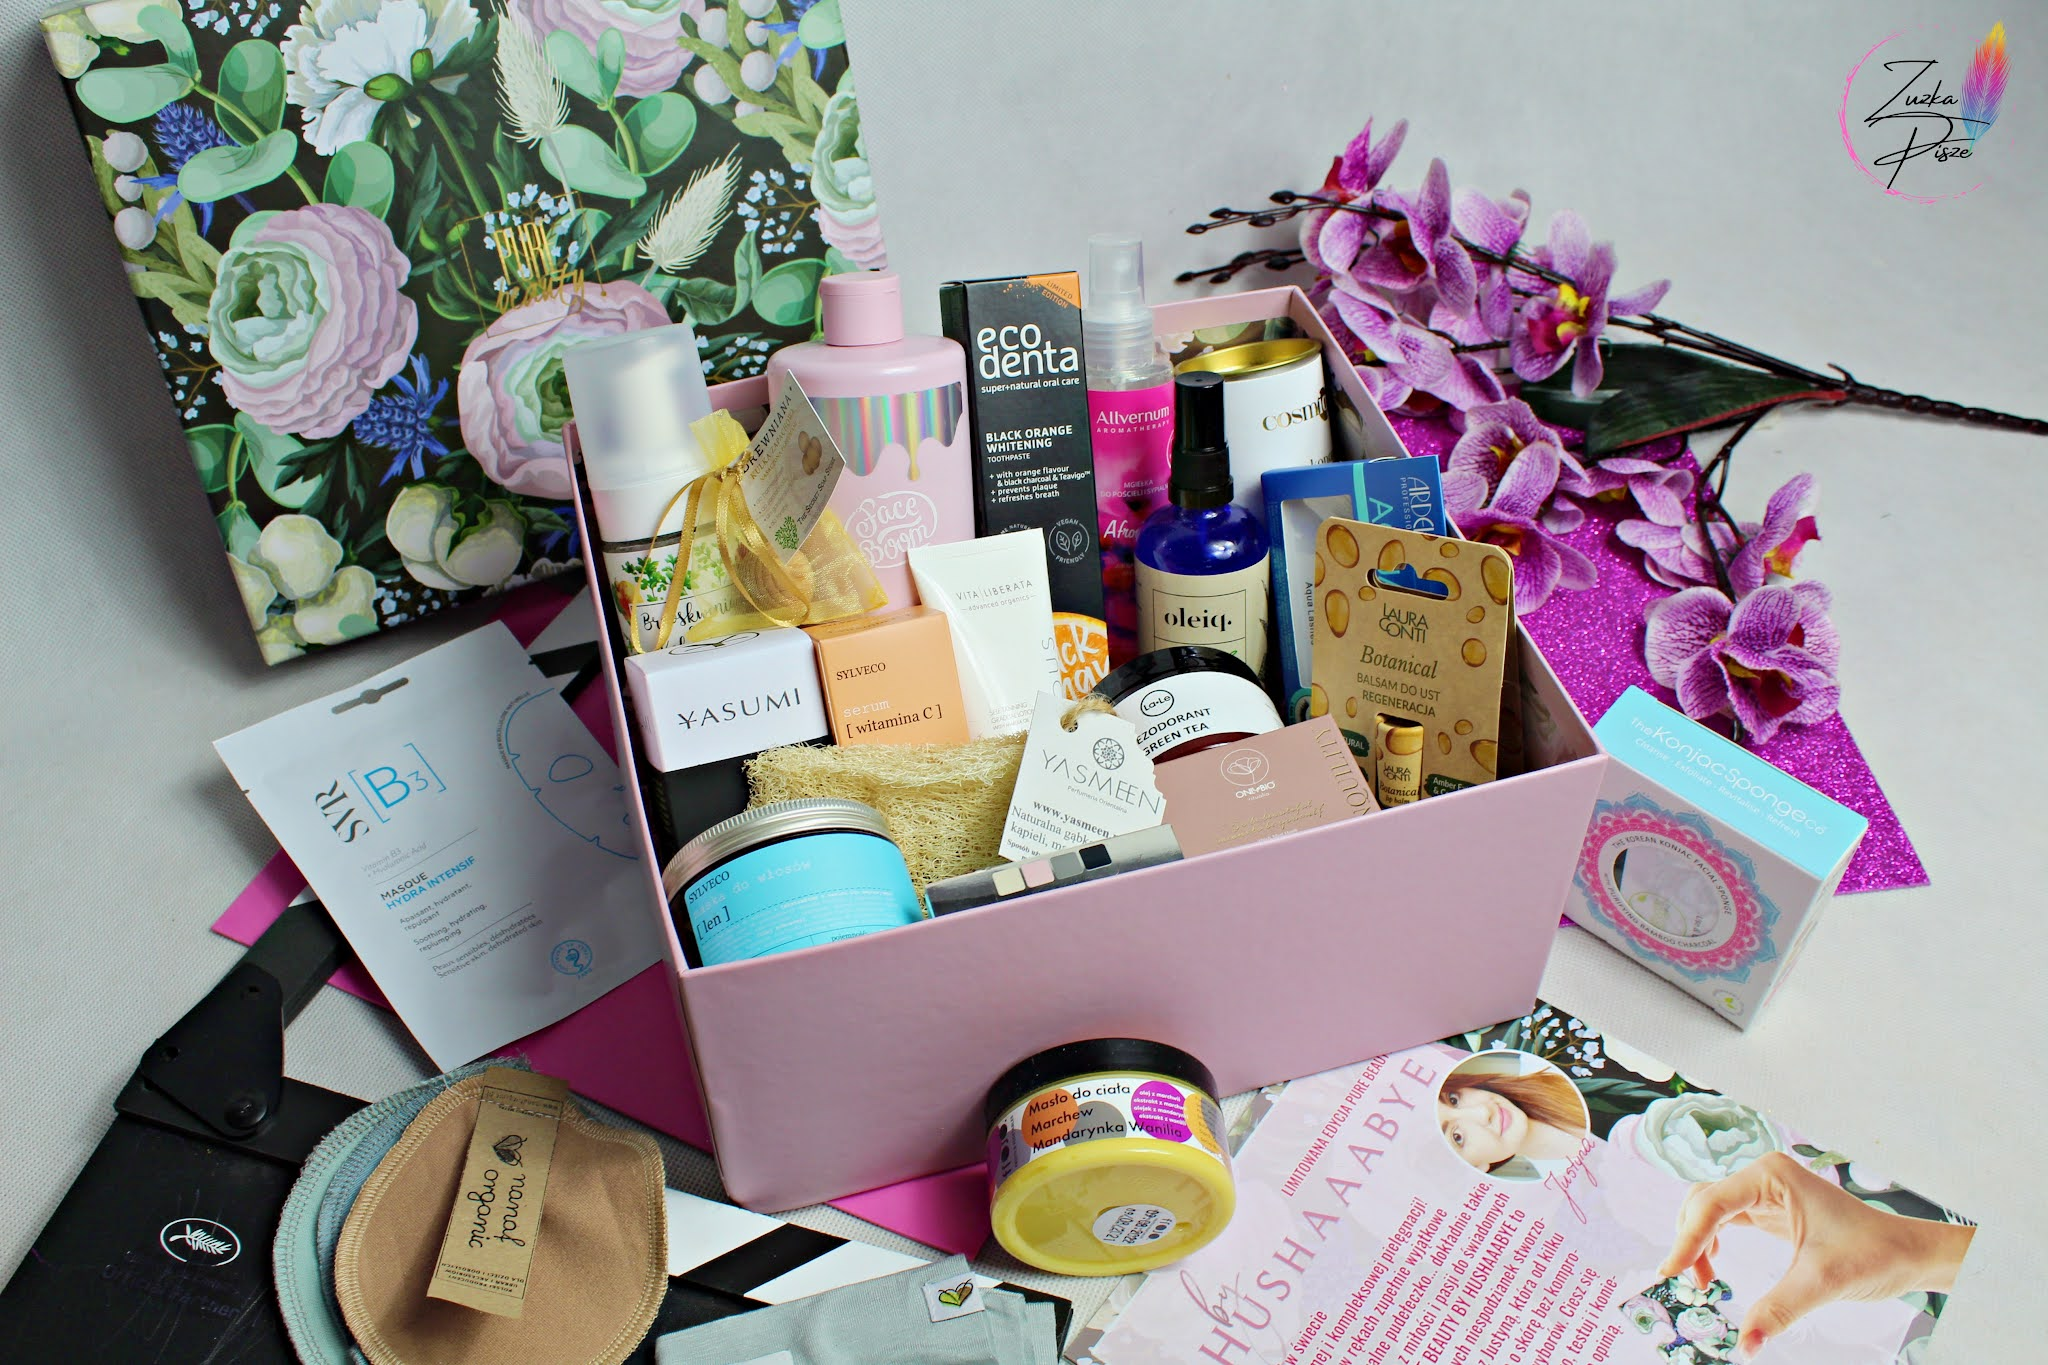 Liimtowana edycja Pure Beauty Box by HUSHAAABYE - openbox pudełka